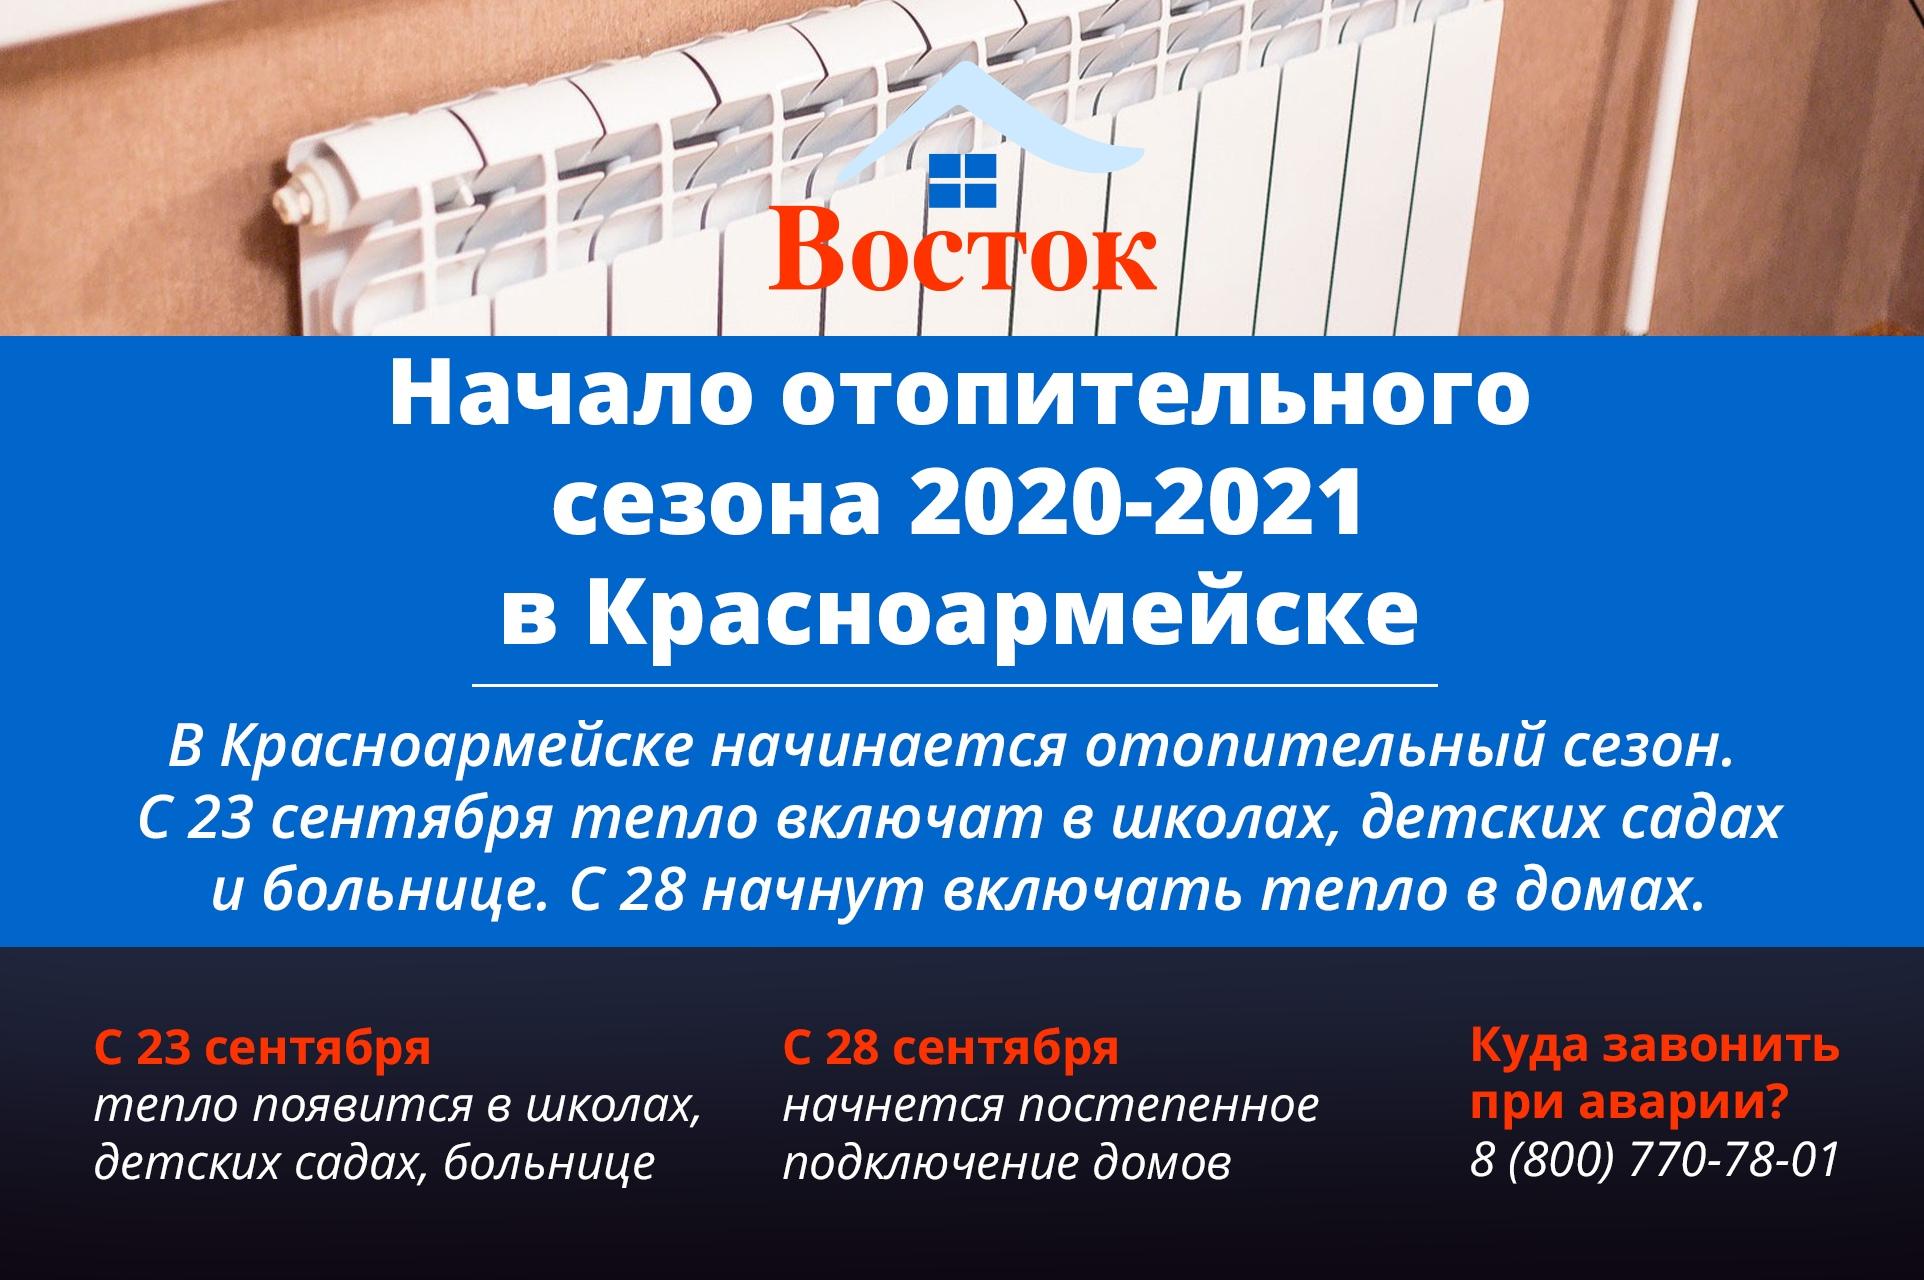 Начало отопительного сезона 2020-2021 в Красноармейске